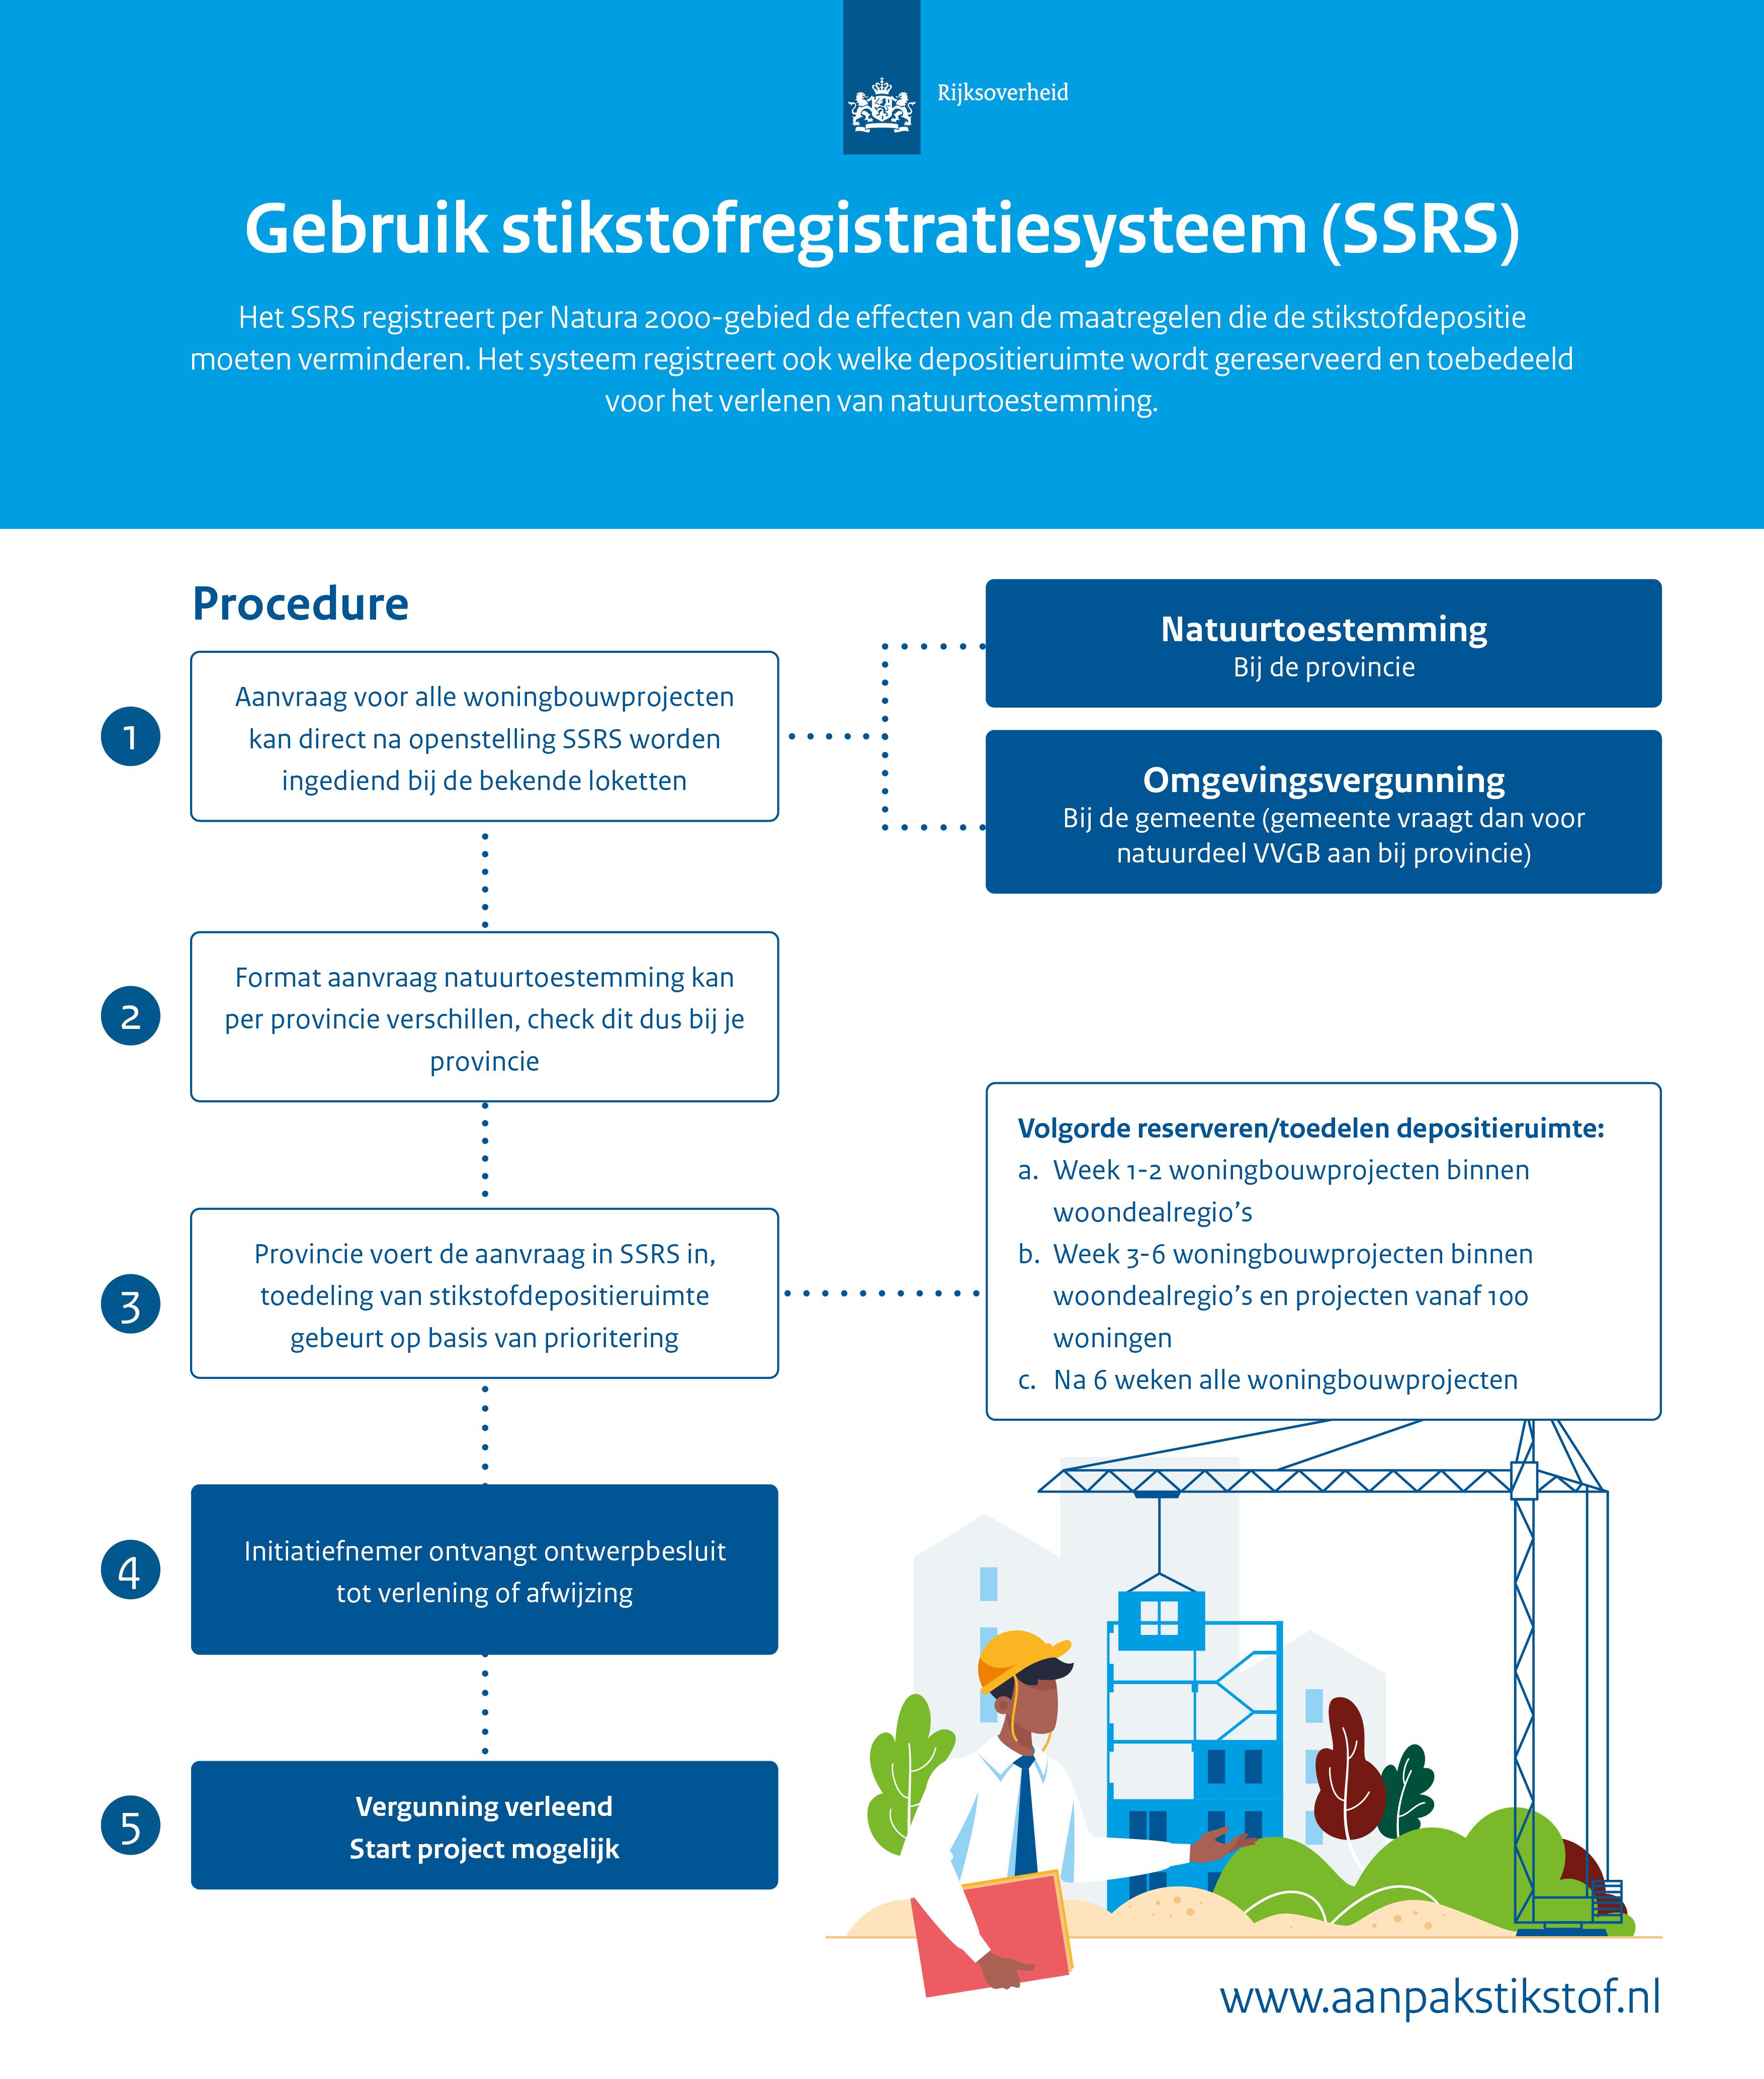 In deze visual wordt hetgebruik van het stikstofregistratiesysteem (SSRS) schematisch in kaart gebracht